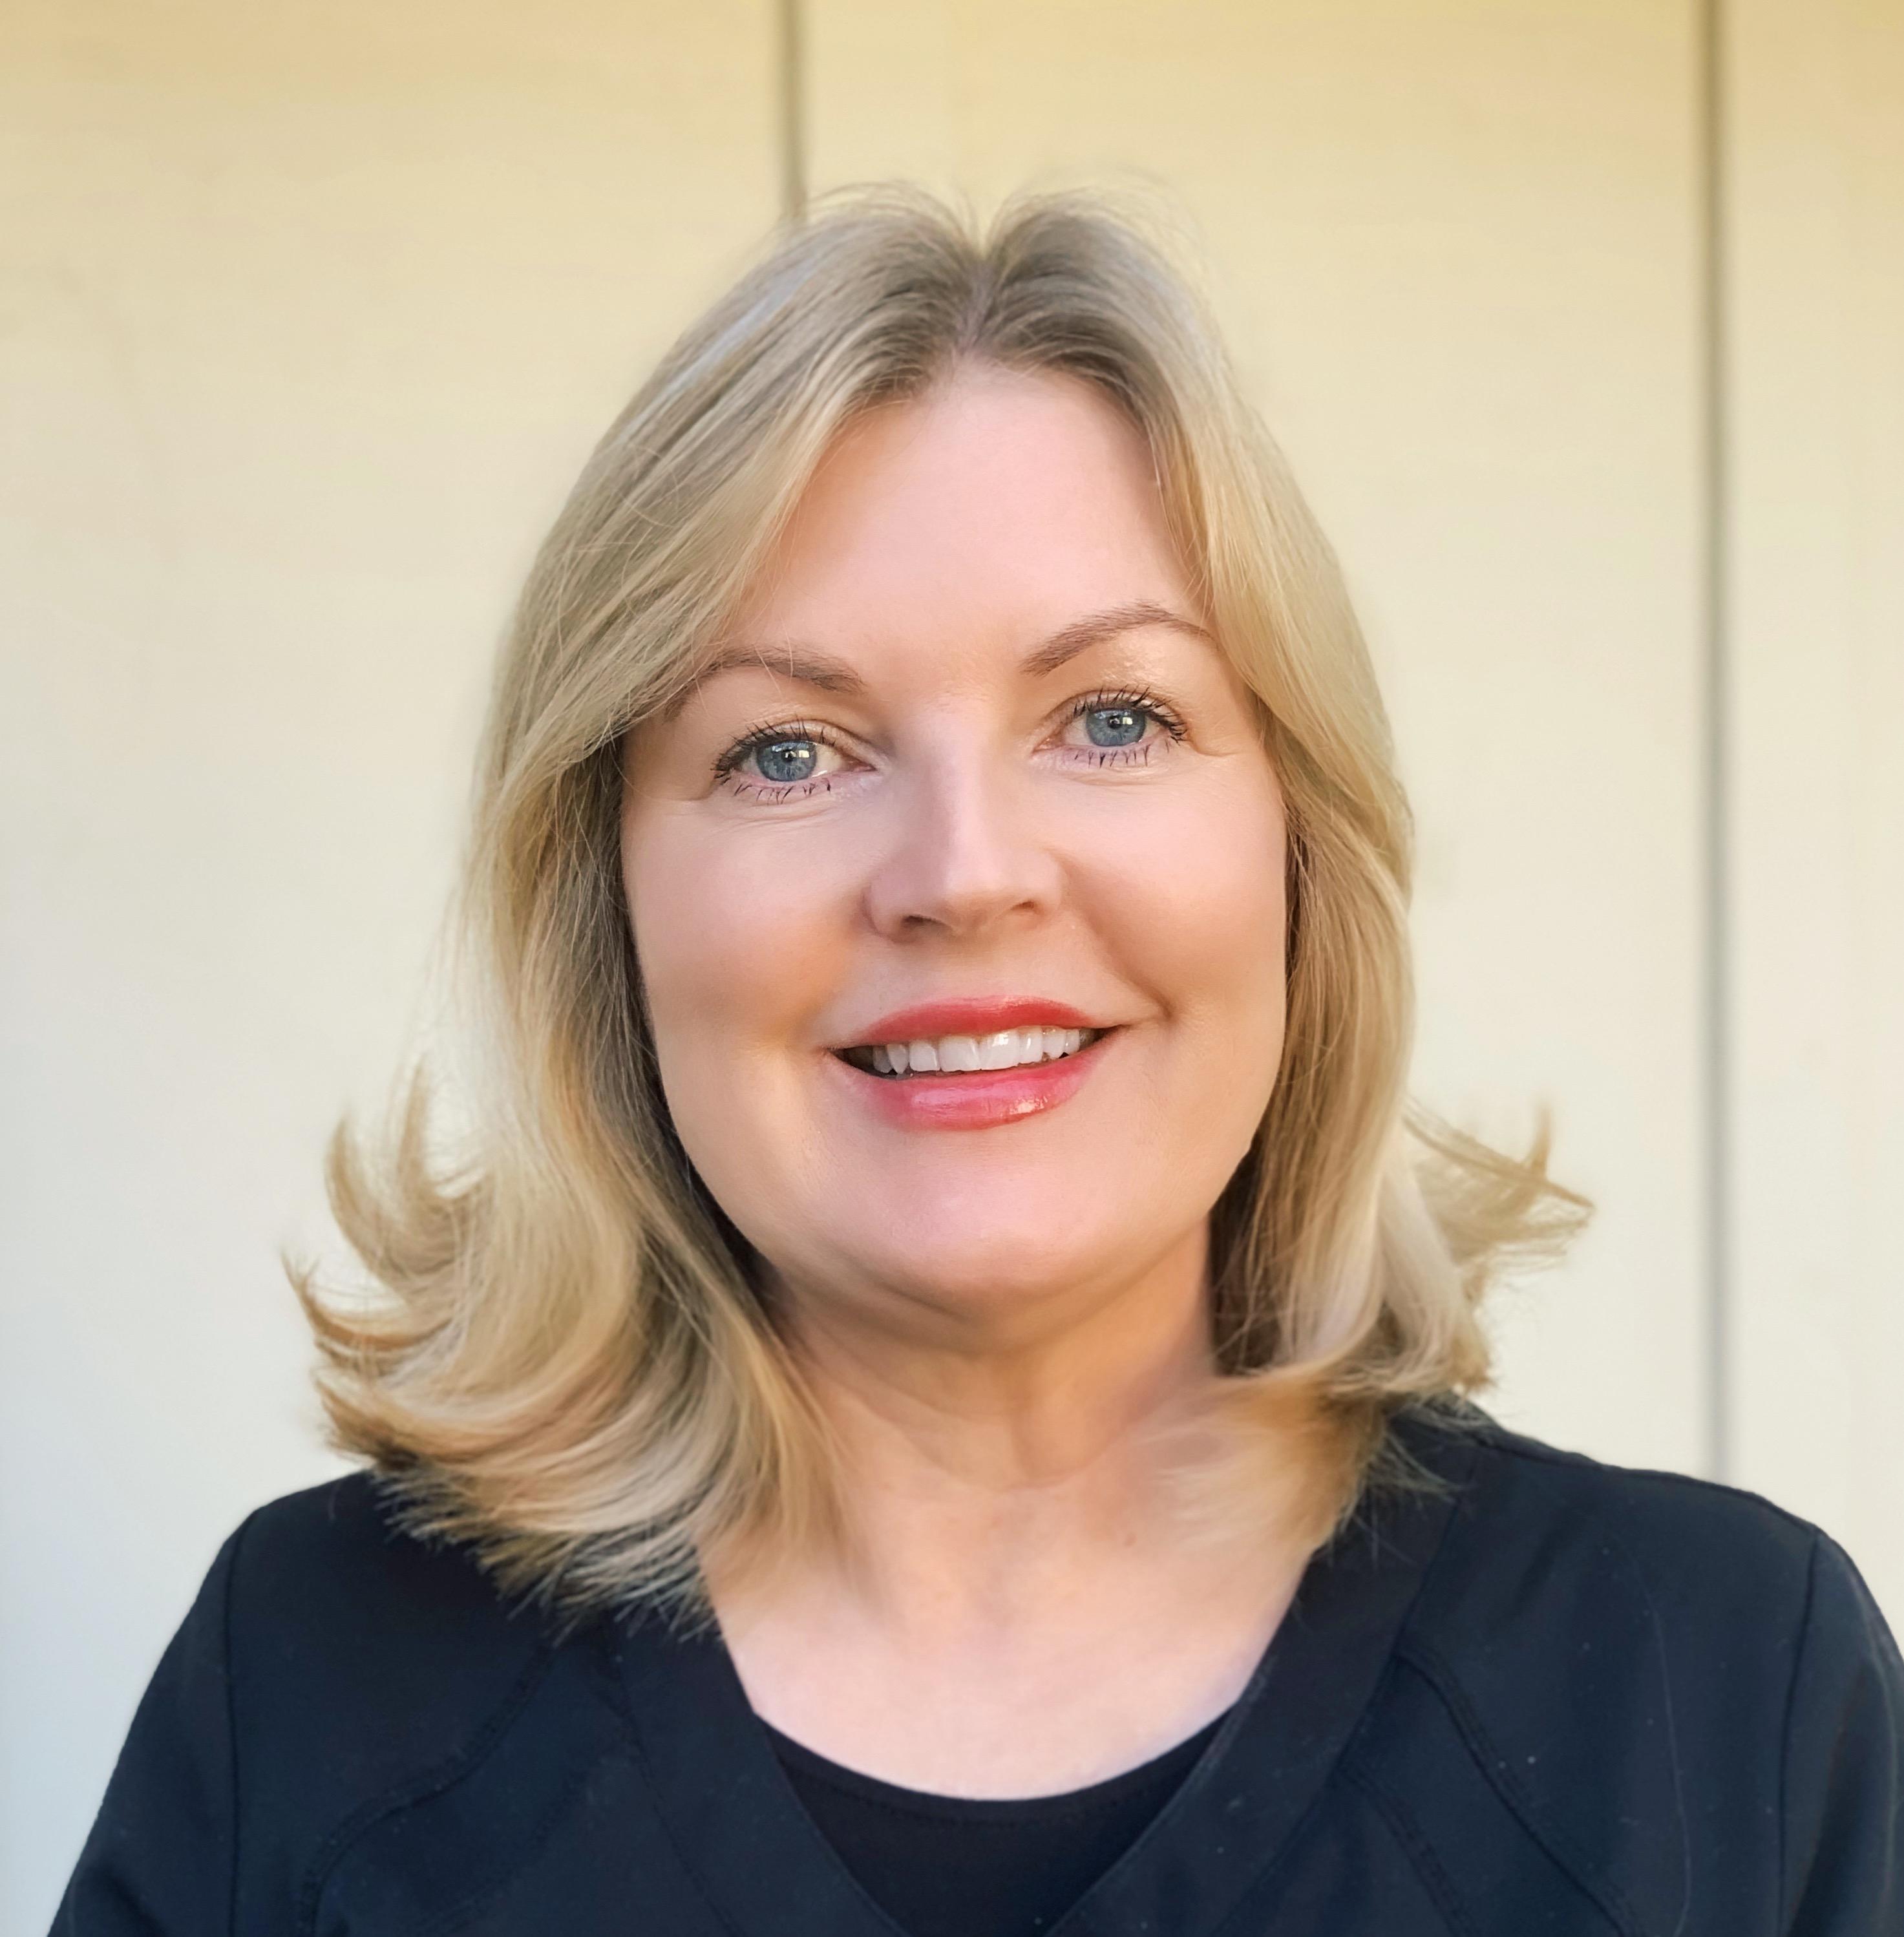 Cheryl Crumpler